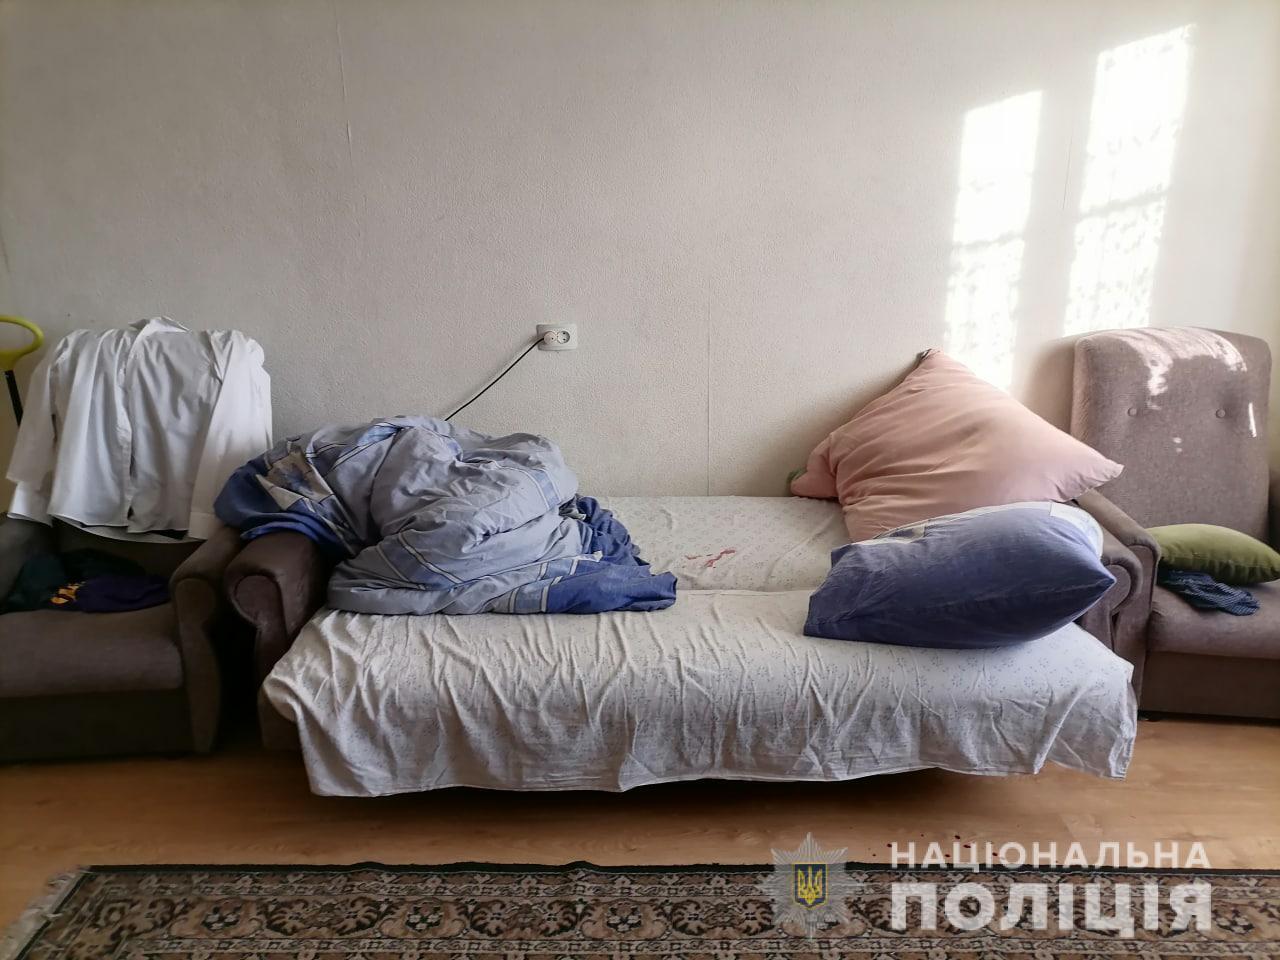 Мать пыталась зарезать сына, когда тот спал.